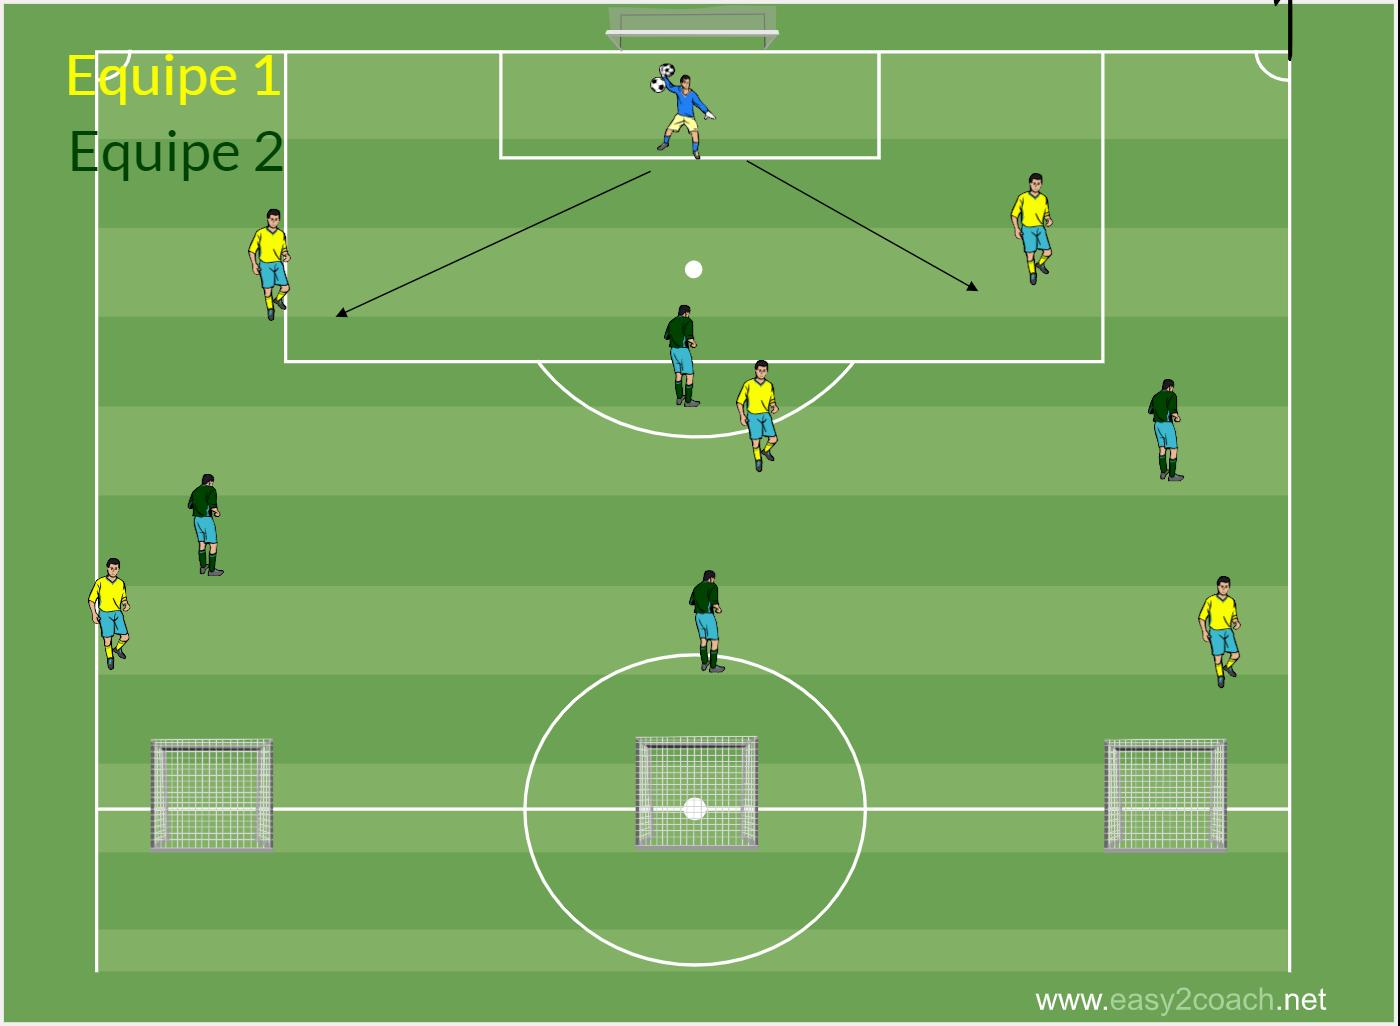 Banque De Donnees Avec Plus De 400 Exercices Pour Votre Entrainement De Football